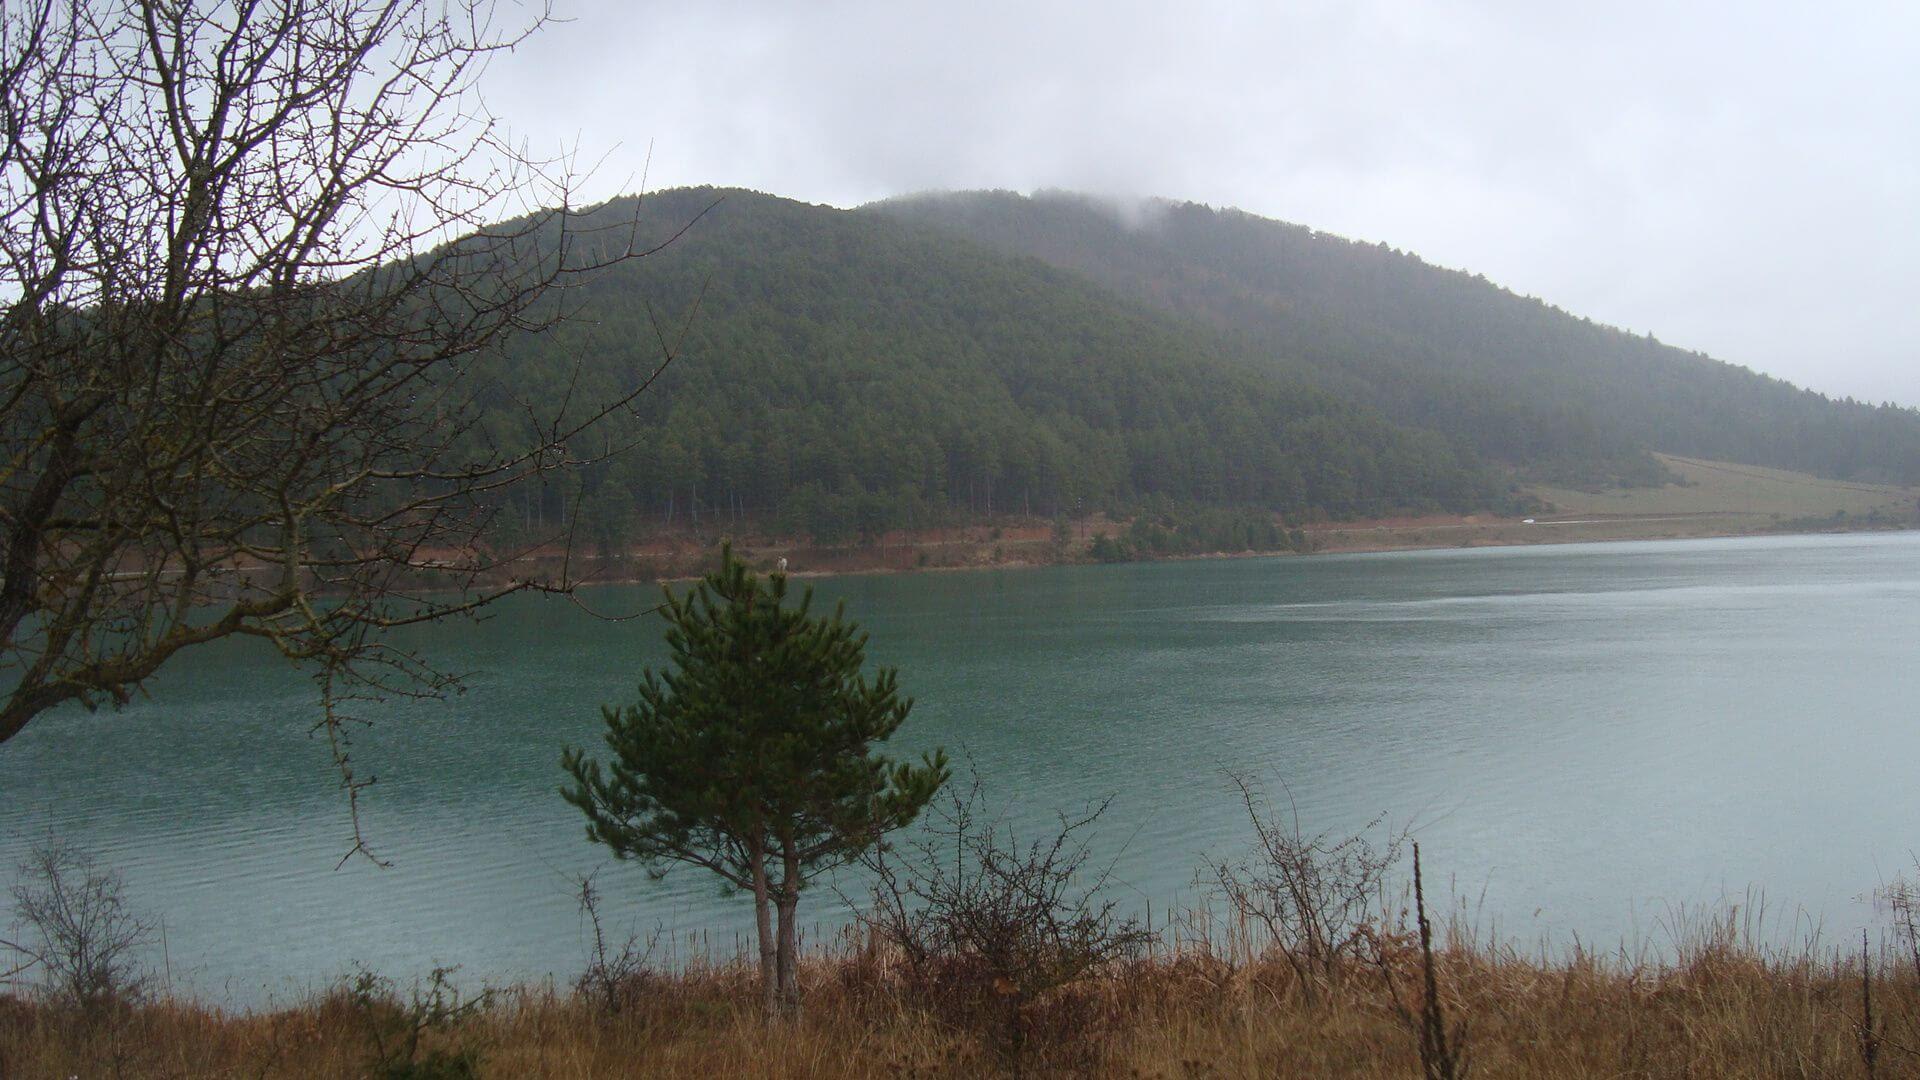 Λίμνη Δόξα7 270-xulokastro-trikala-korinthias-limni-doxa-idaniki-kontini-apodrasi